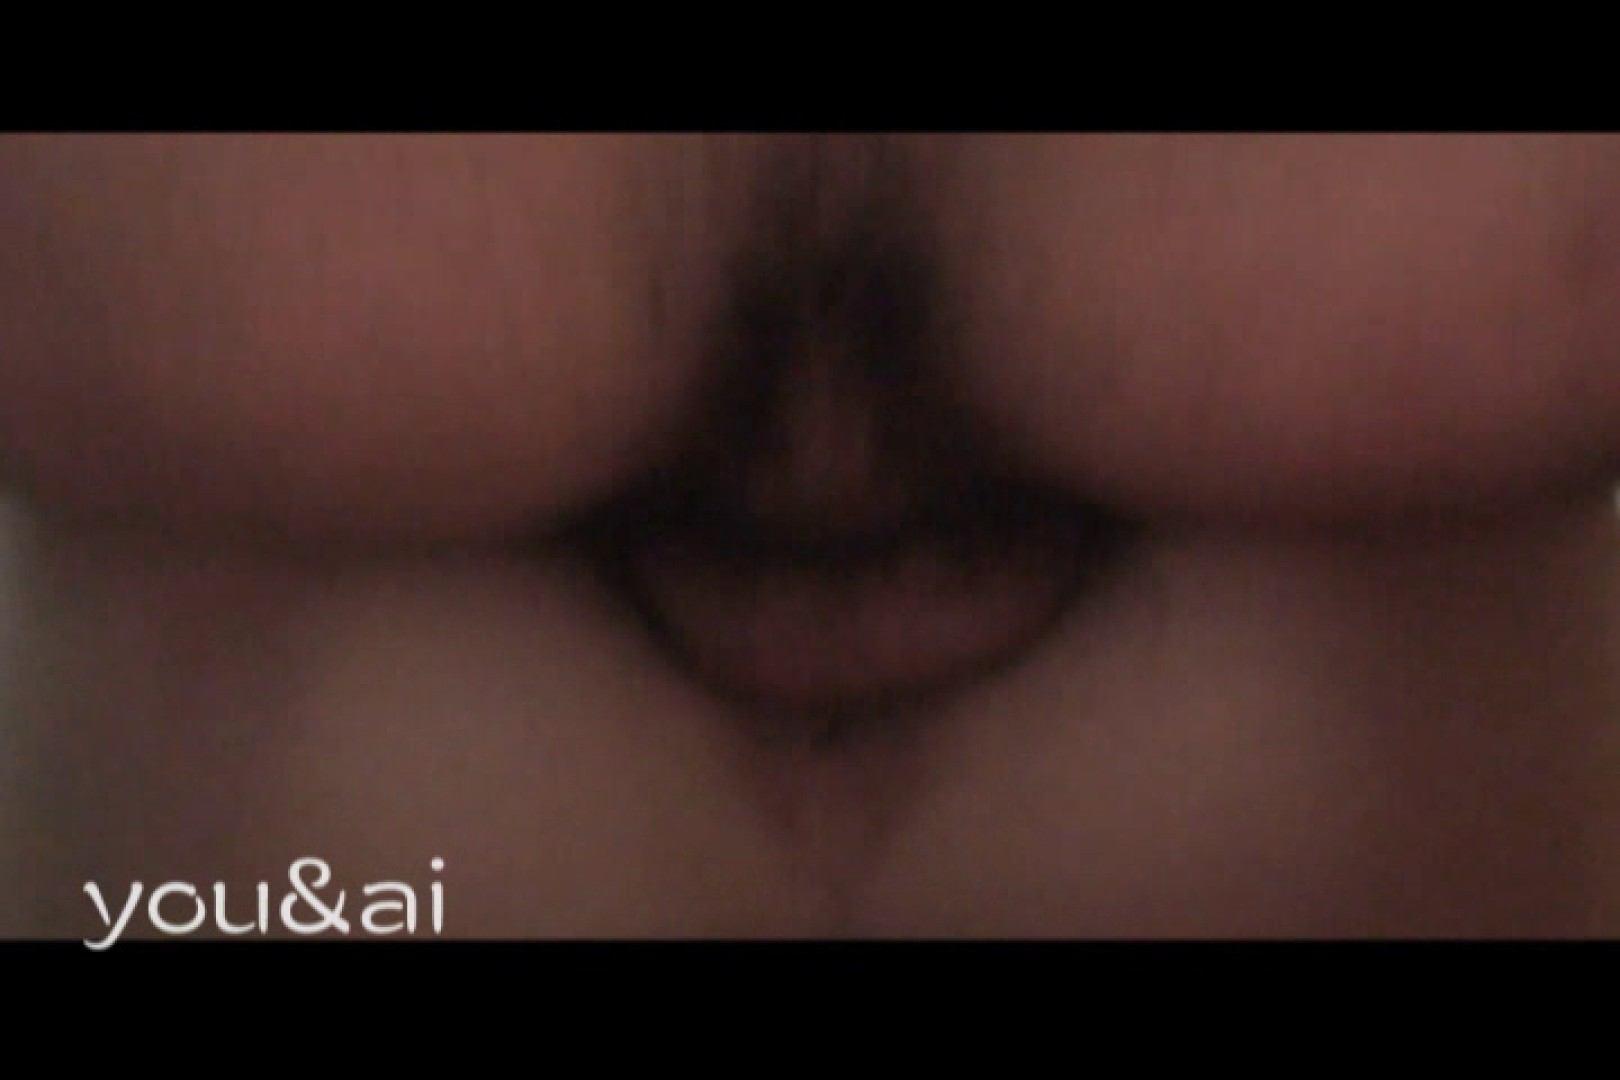 おしどり夫婦のyou&aiさん投稿作品vol.17 一般投稿 | OL裸体  78画像 14